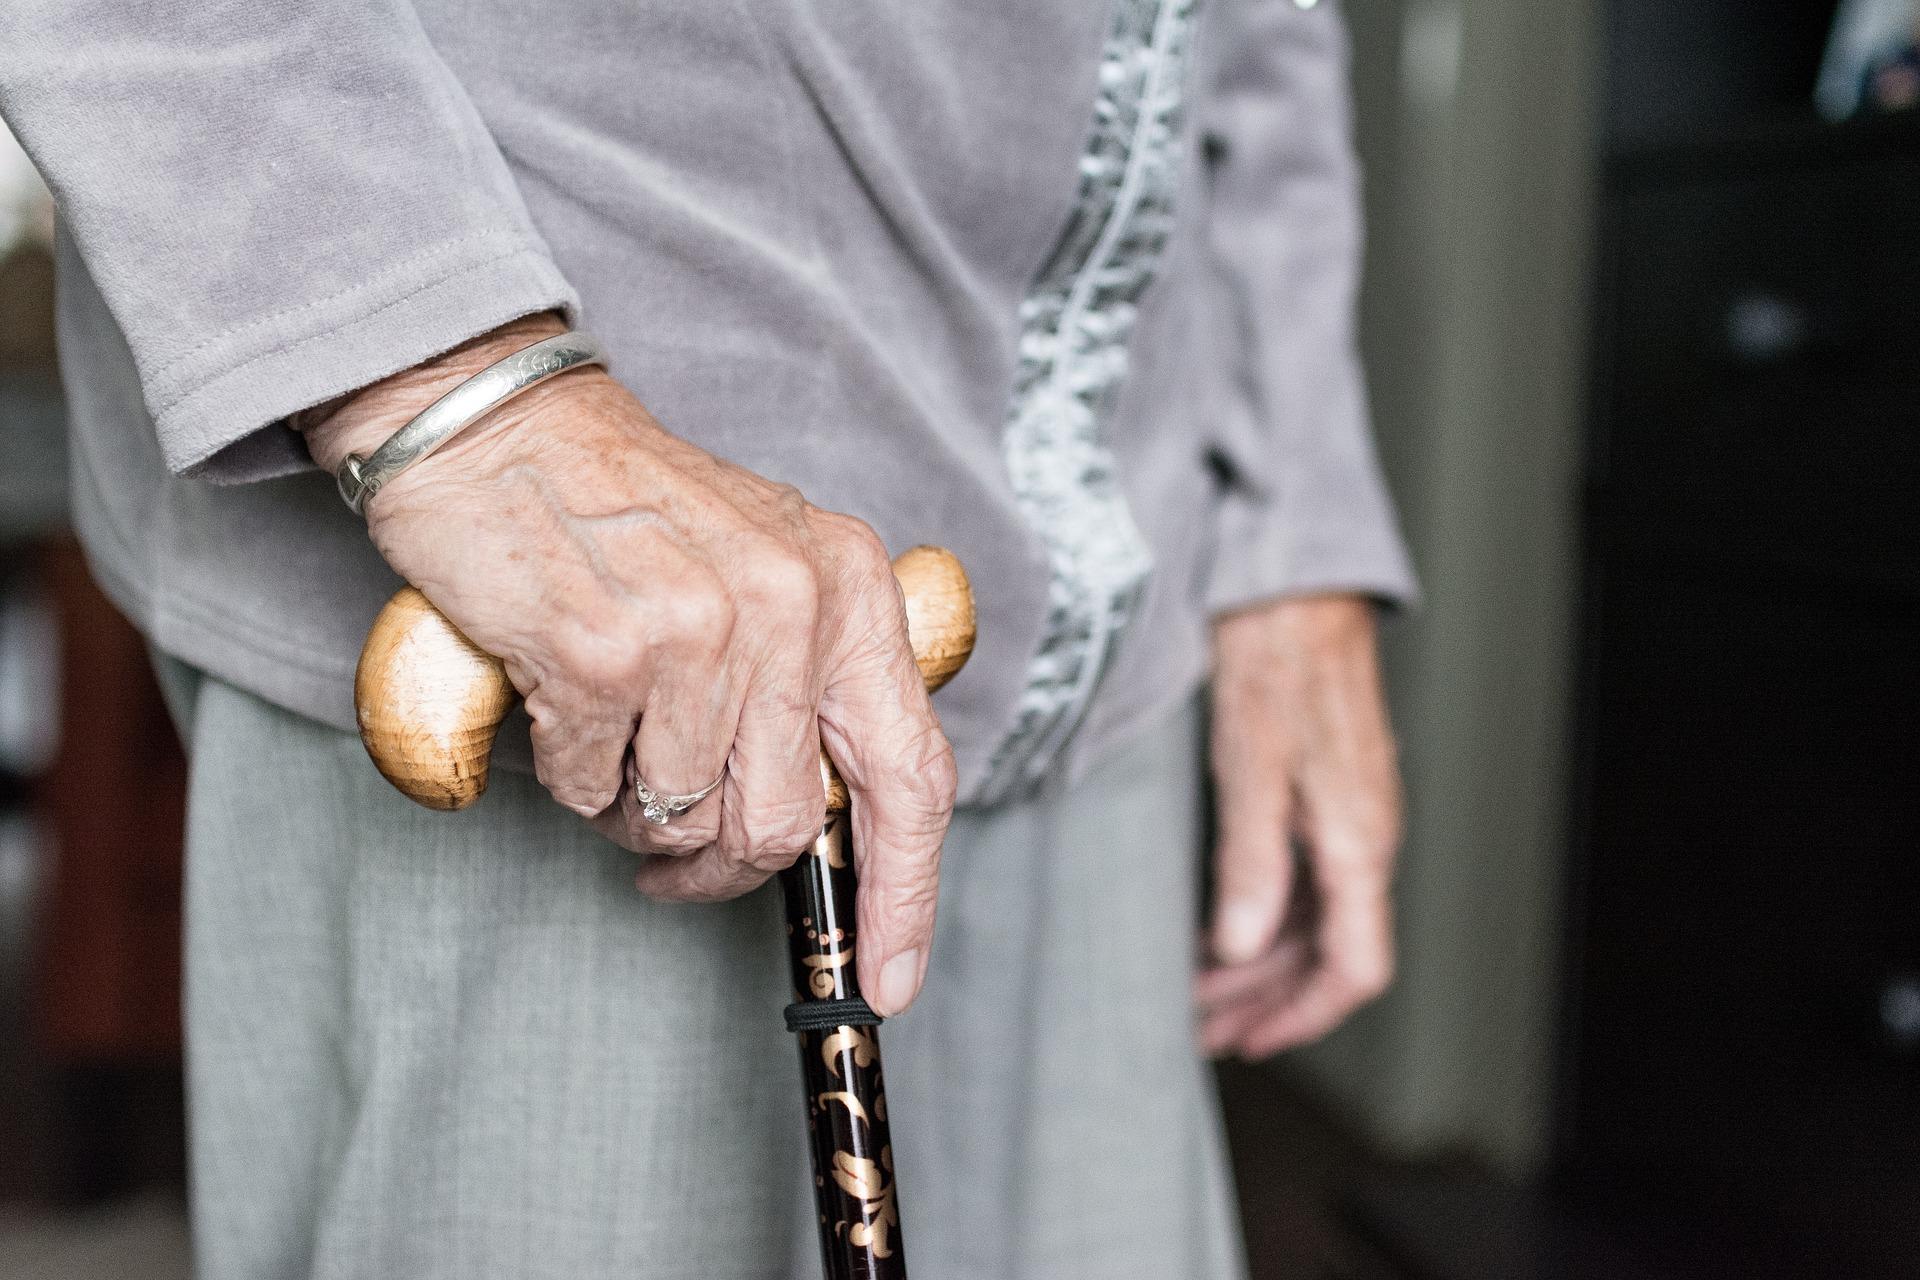 Senior care / Pixabay